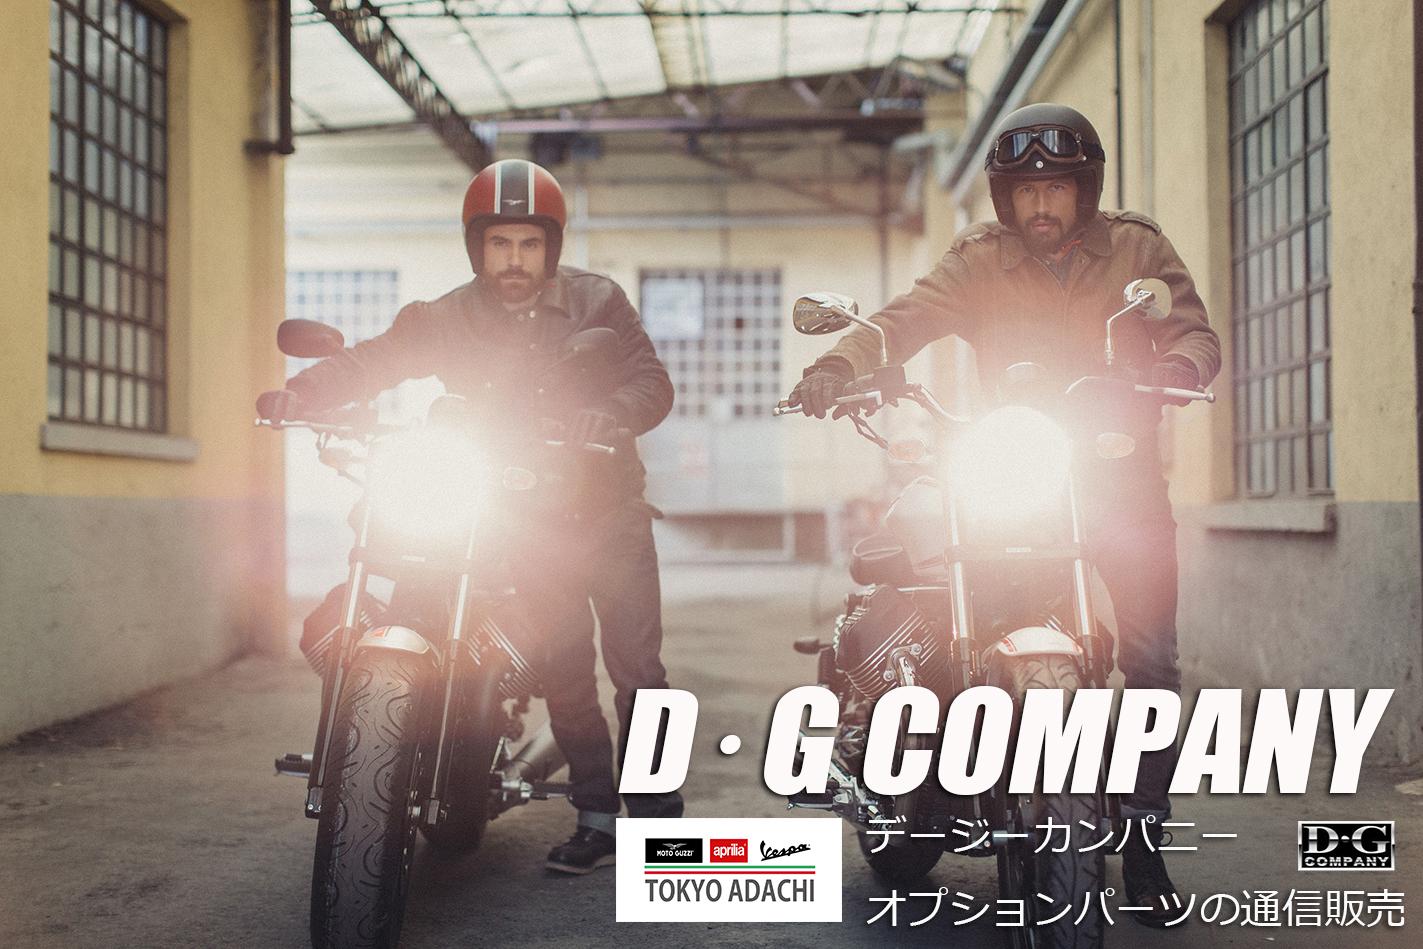 デージーカンパニー通信販売コーナー(DGW)